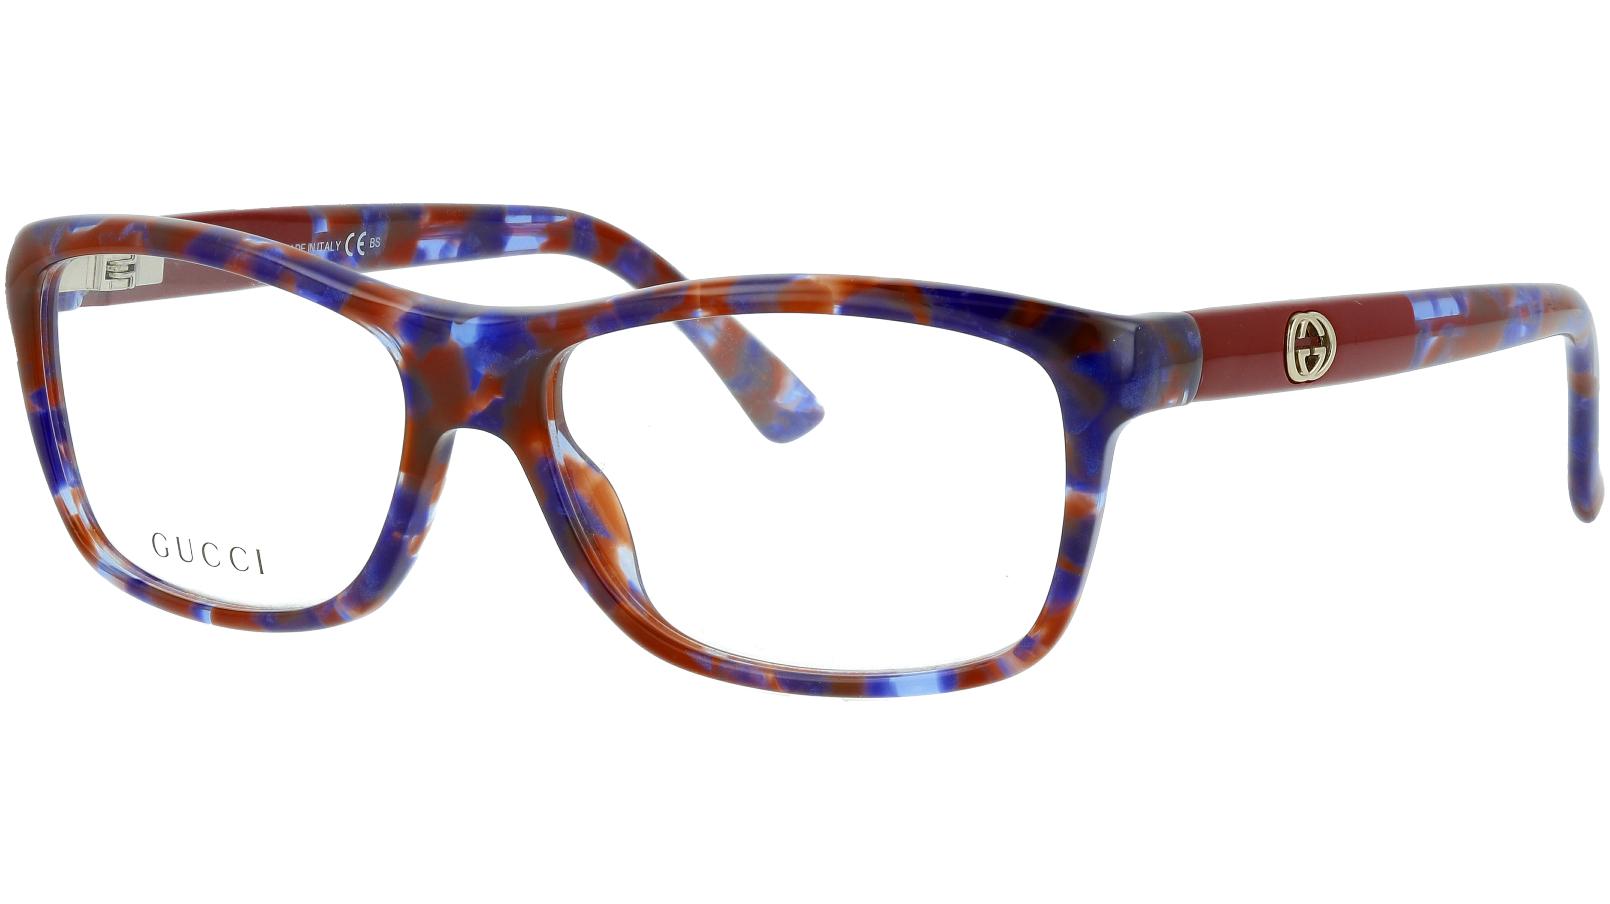 GUCCI GG3608 6F7 53 VIOLET Glasses